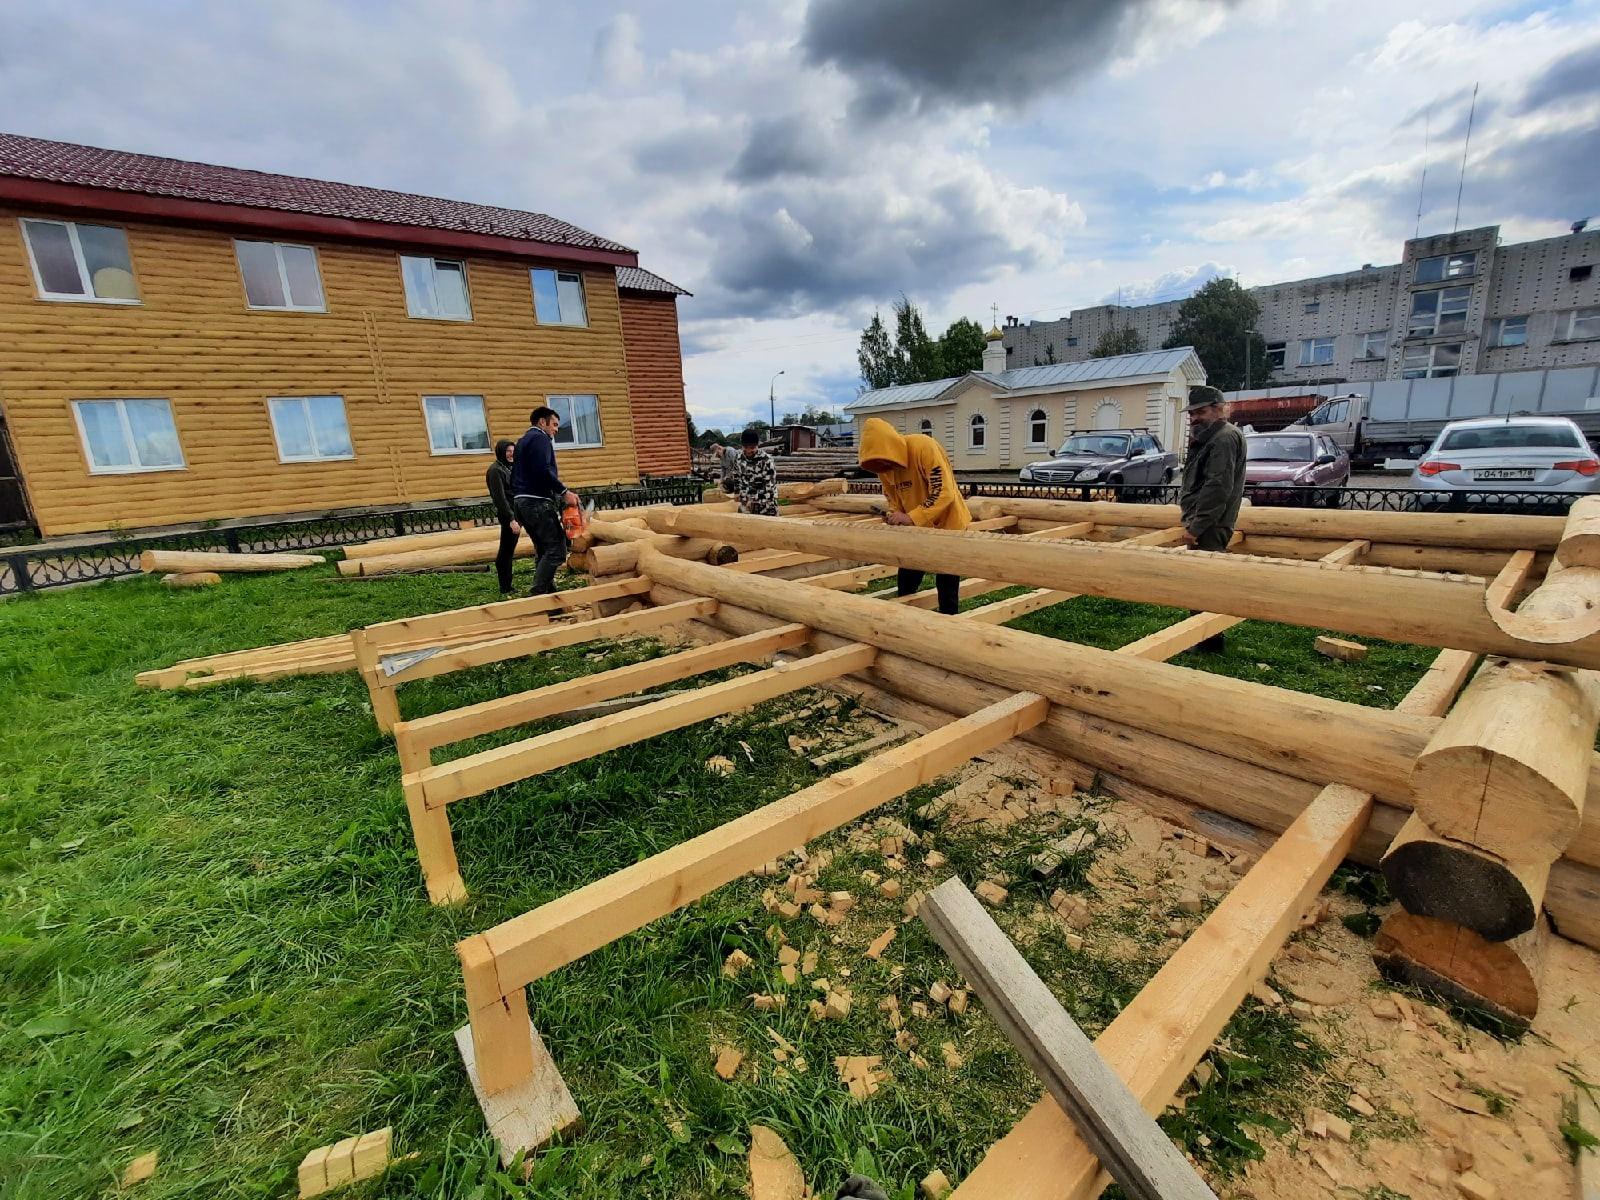 Продолжаются занятия по каркасно-строительному мастерству.